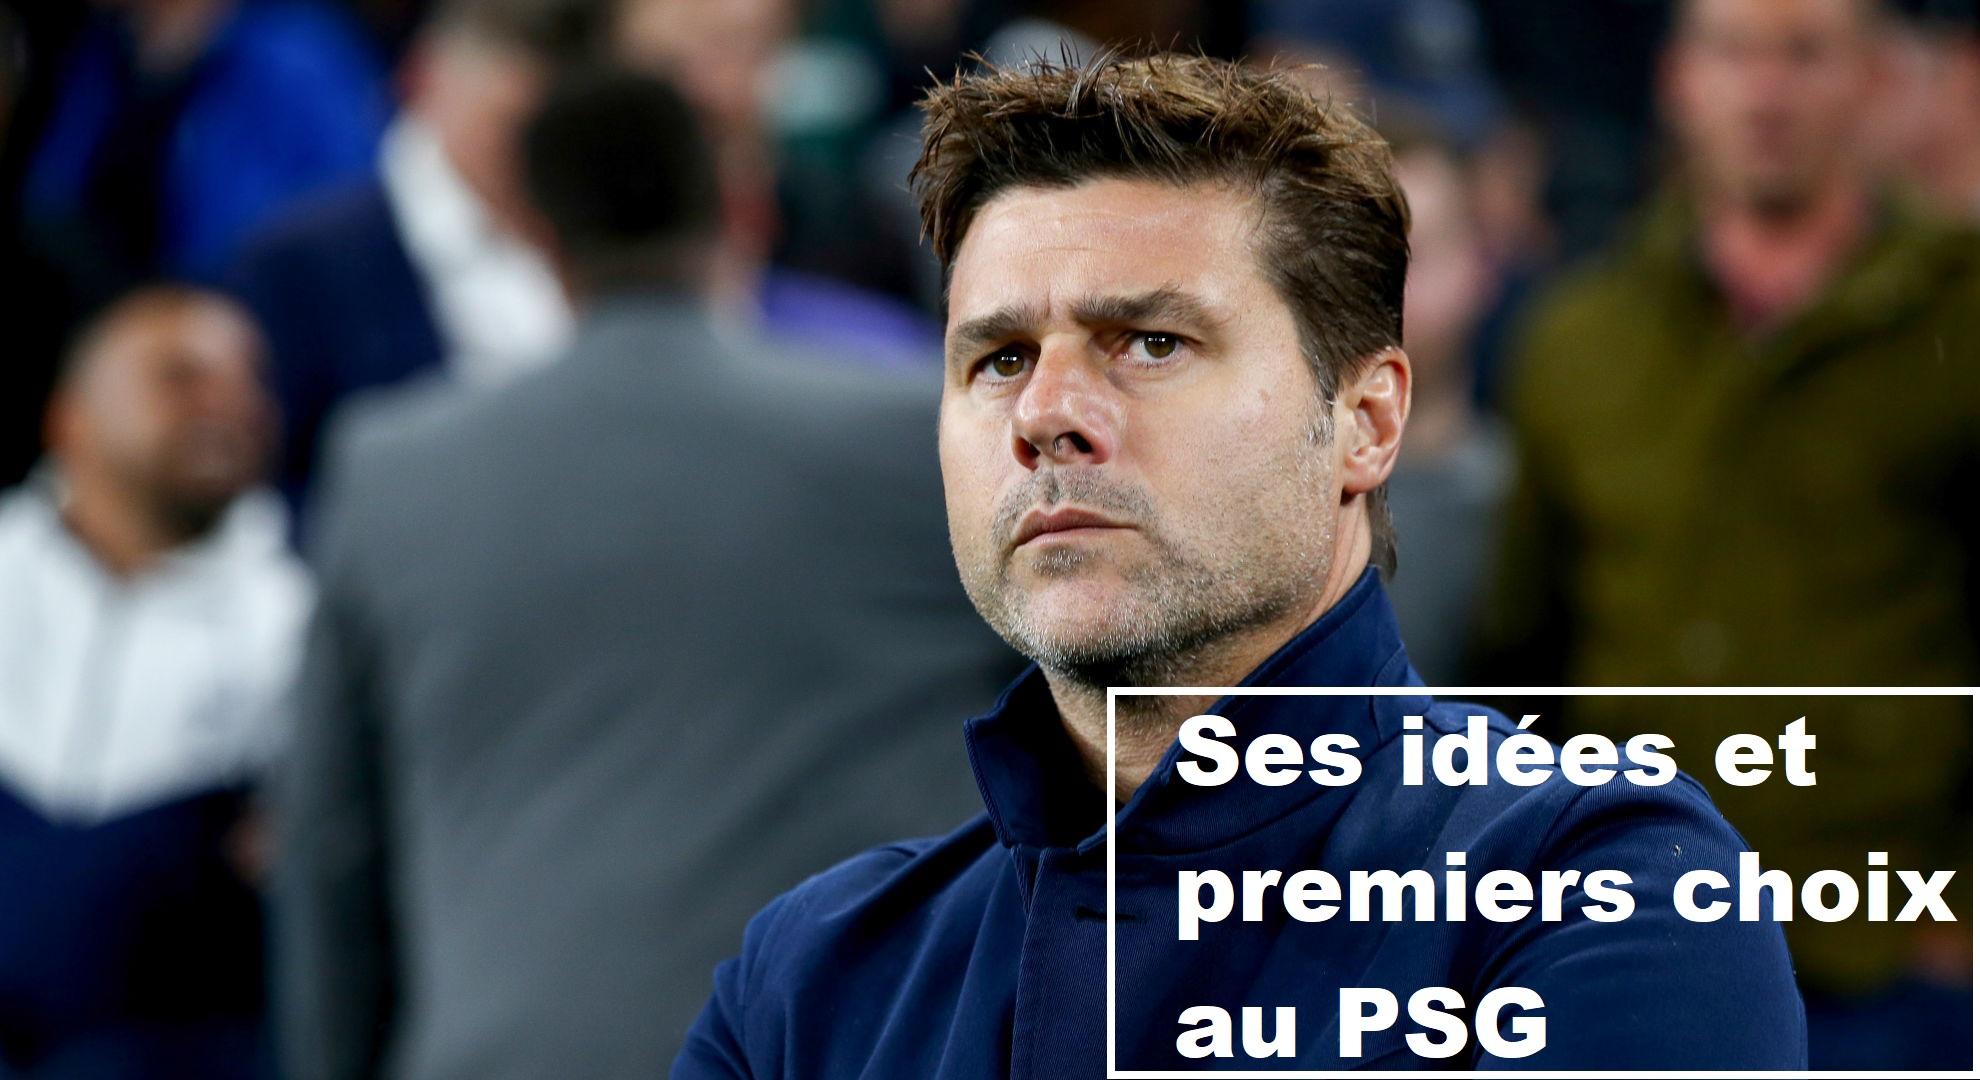 Podcast PSG - Les méthodes et premiers choix de Pochettino à Paris